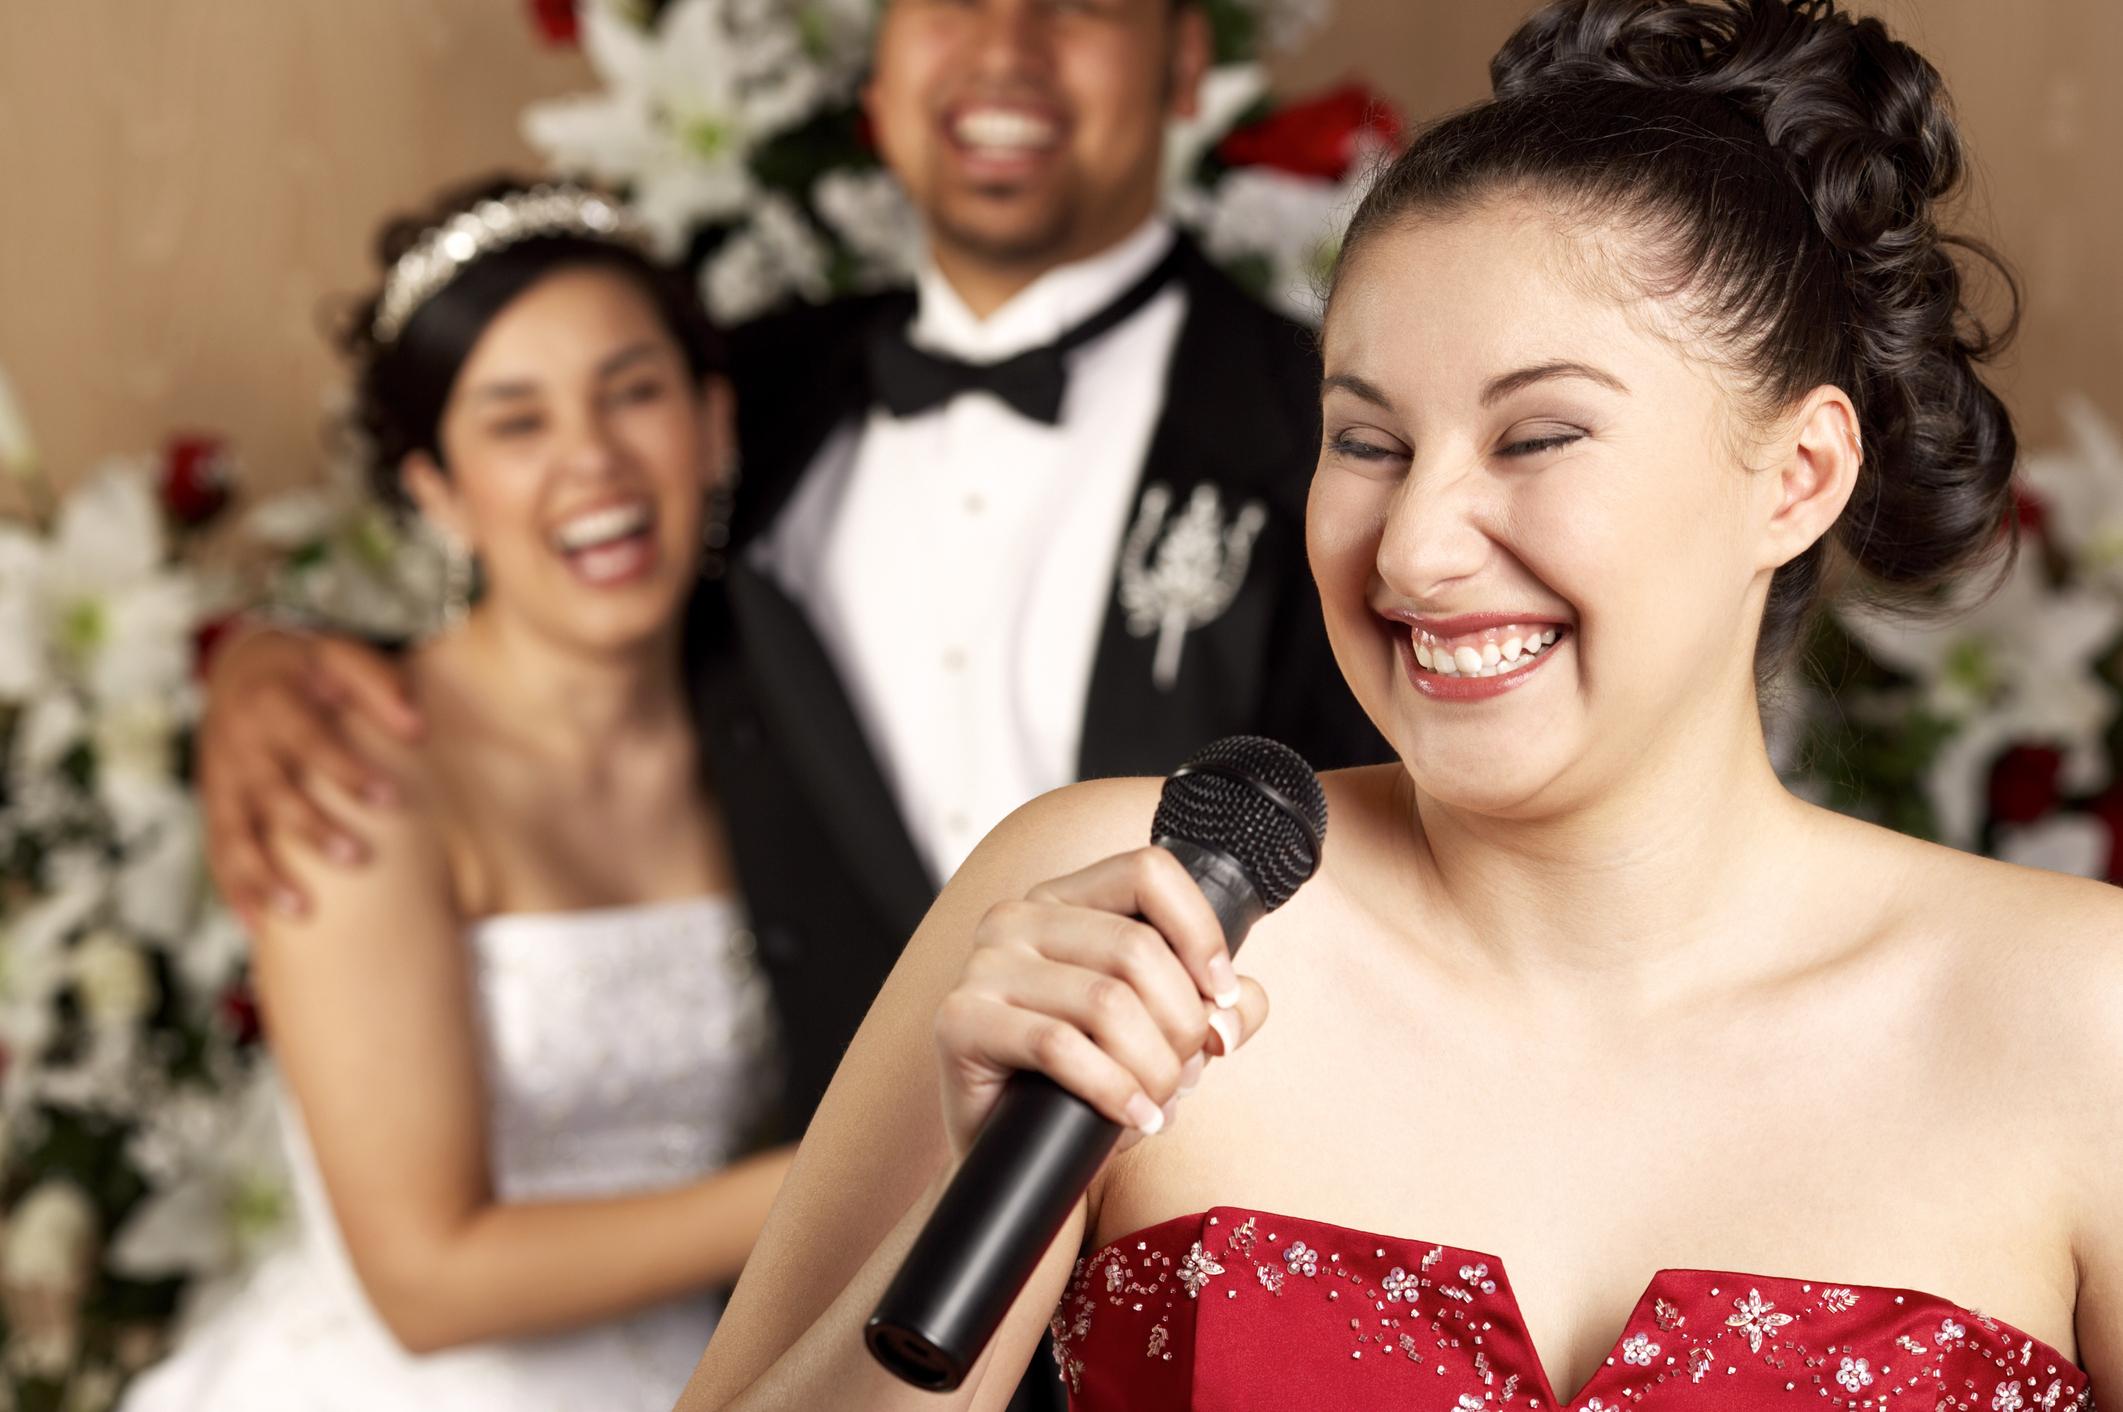 тупая тосты и поздравления на свадьбе для свидетеля обработки растений химическими